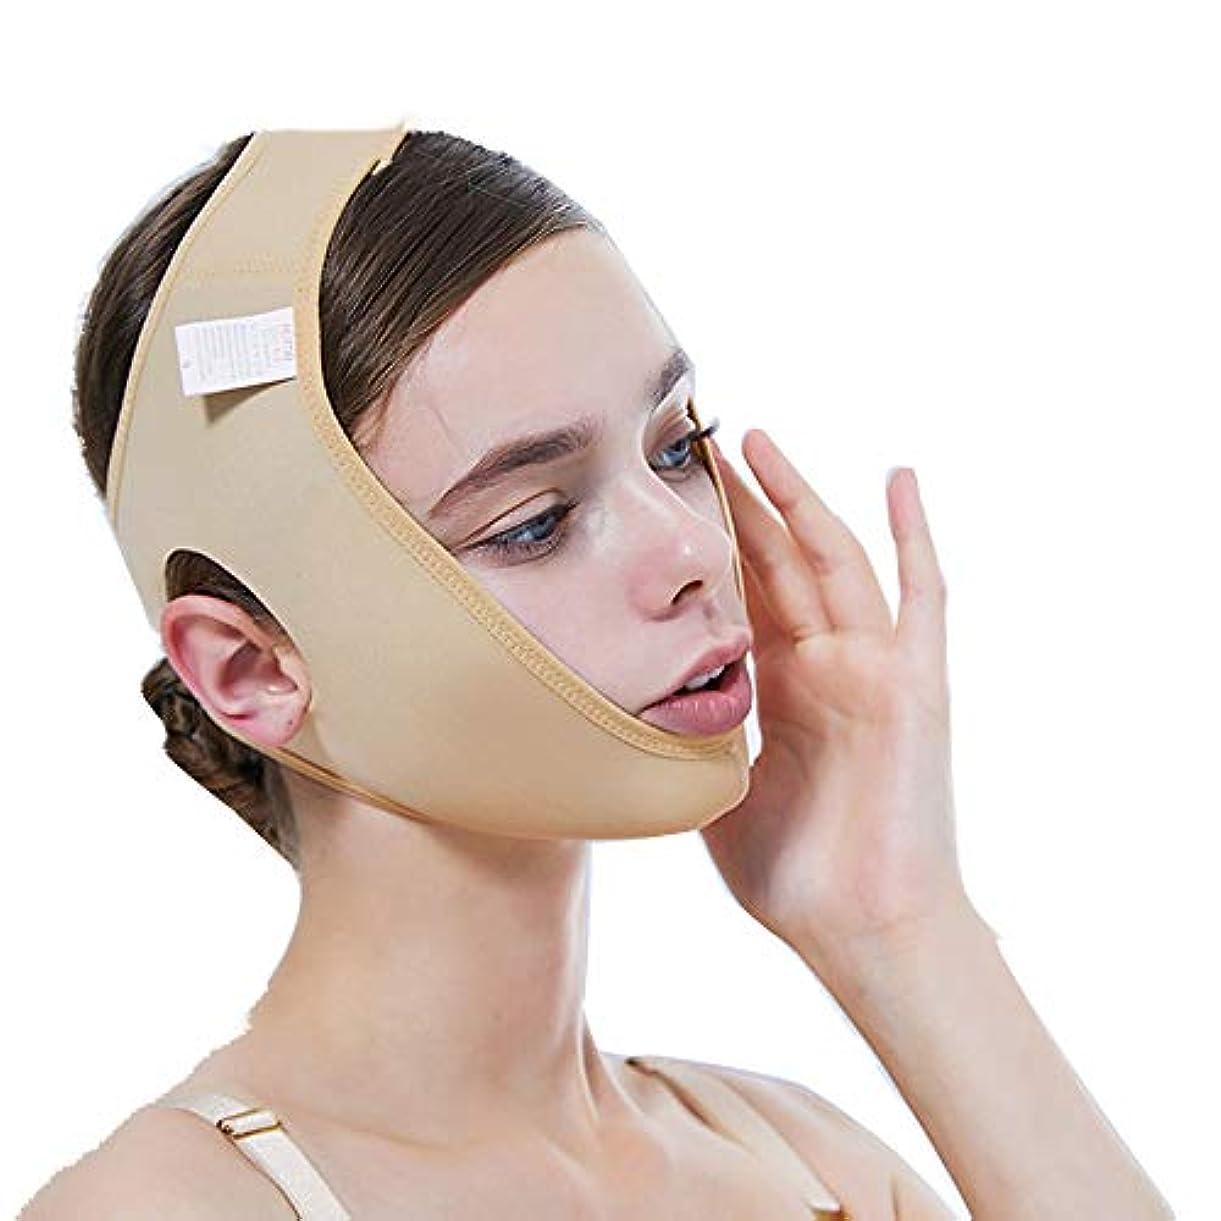 電化する霧深いブーストフェイスリフトマスク、薄型ダブルチンアーティファクト/vフェイスビームフェイス/あご手術セット/フェイスマスク(カラー),XXL